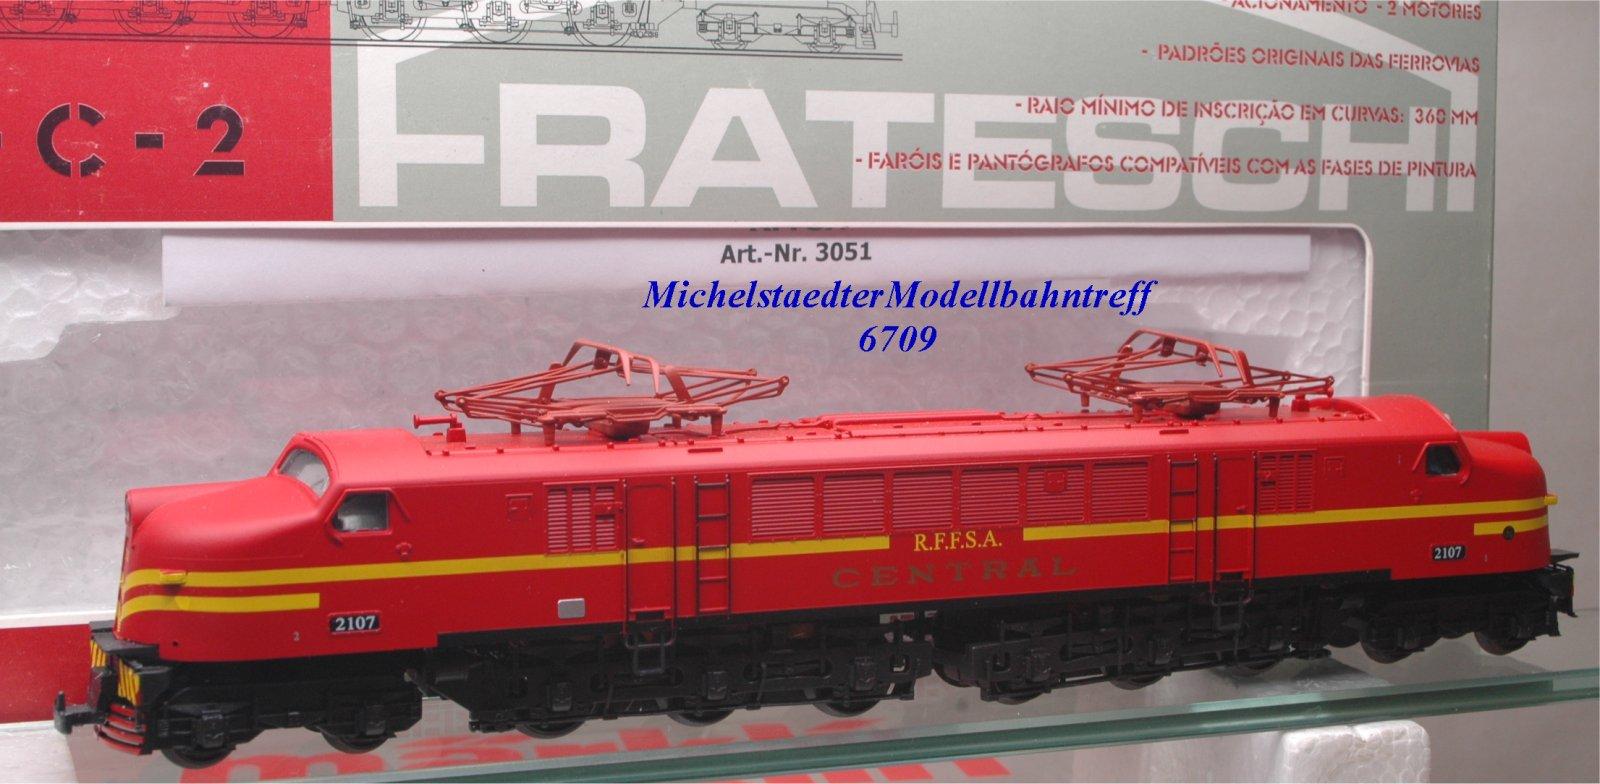 """Fratesche 3051 E-Lok Bauart Typ EP-4 der """"R.F.F.S.A. Central"""", (6709),"""